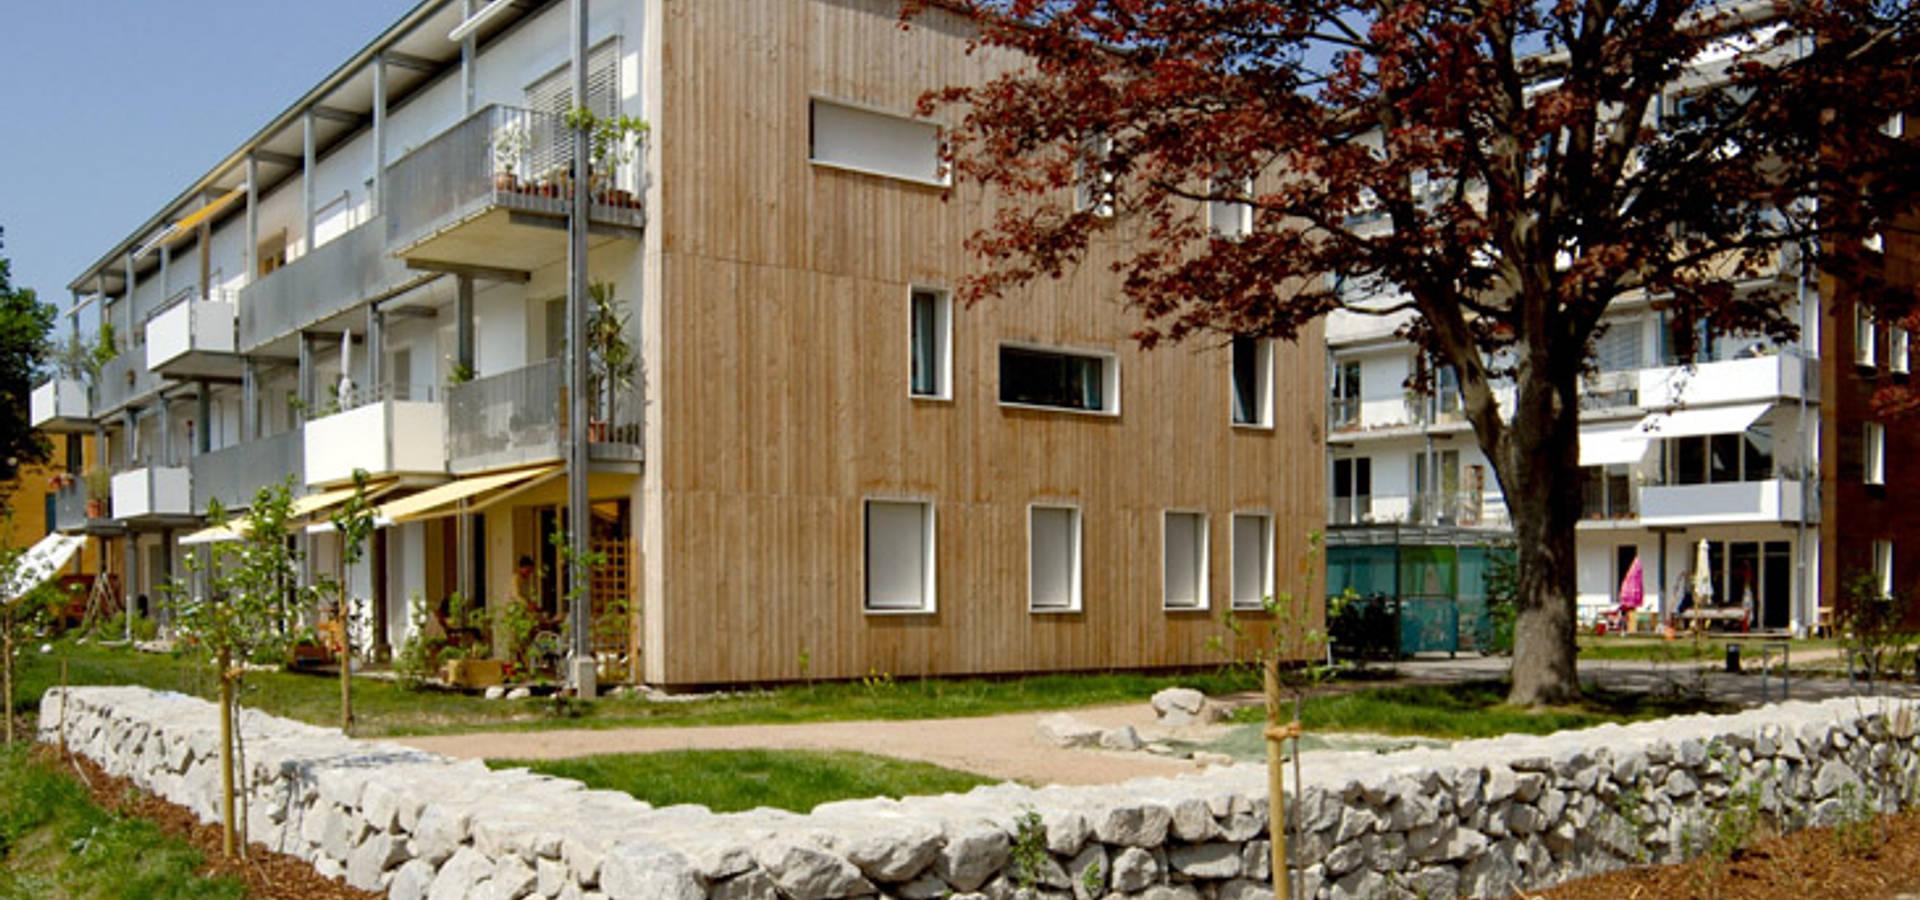 Gies Architekten